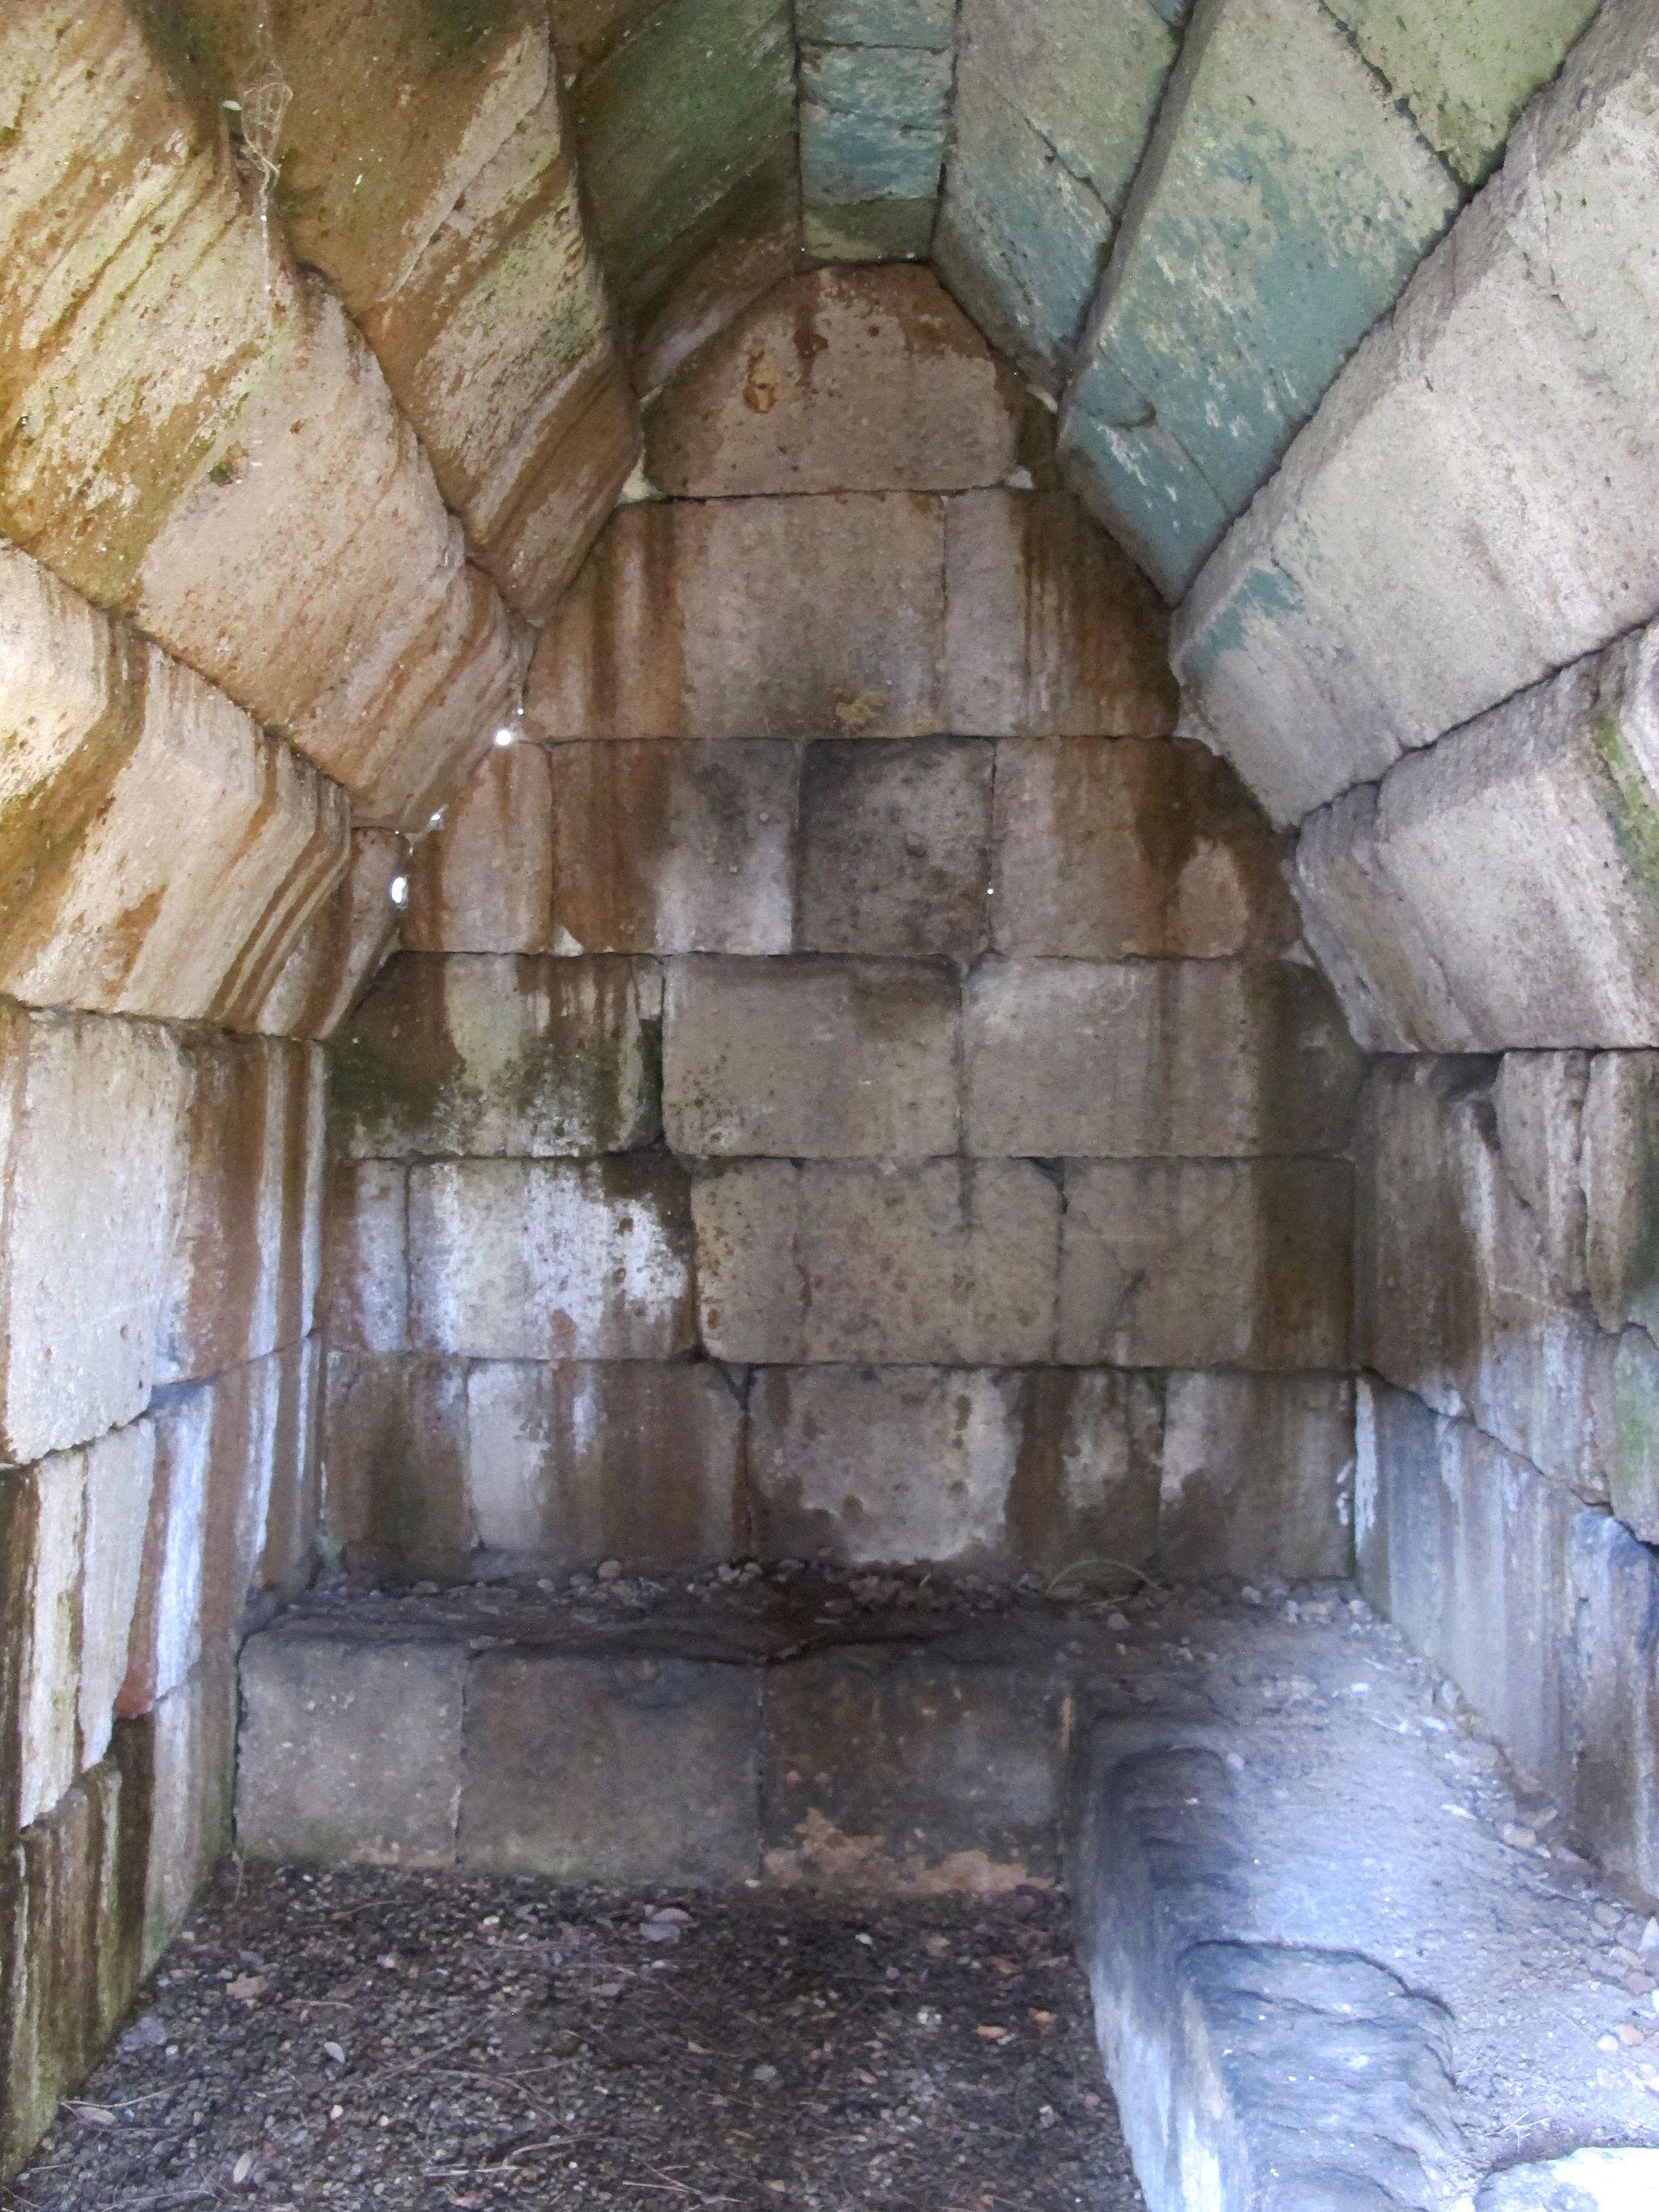 Giardino del museo archeologico, tomba del crocifisso del tufo da orvieto, VI-V sec ac., inbterno